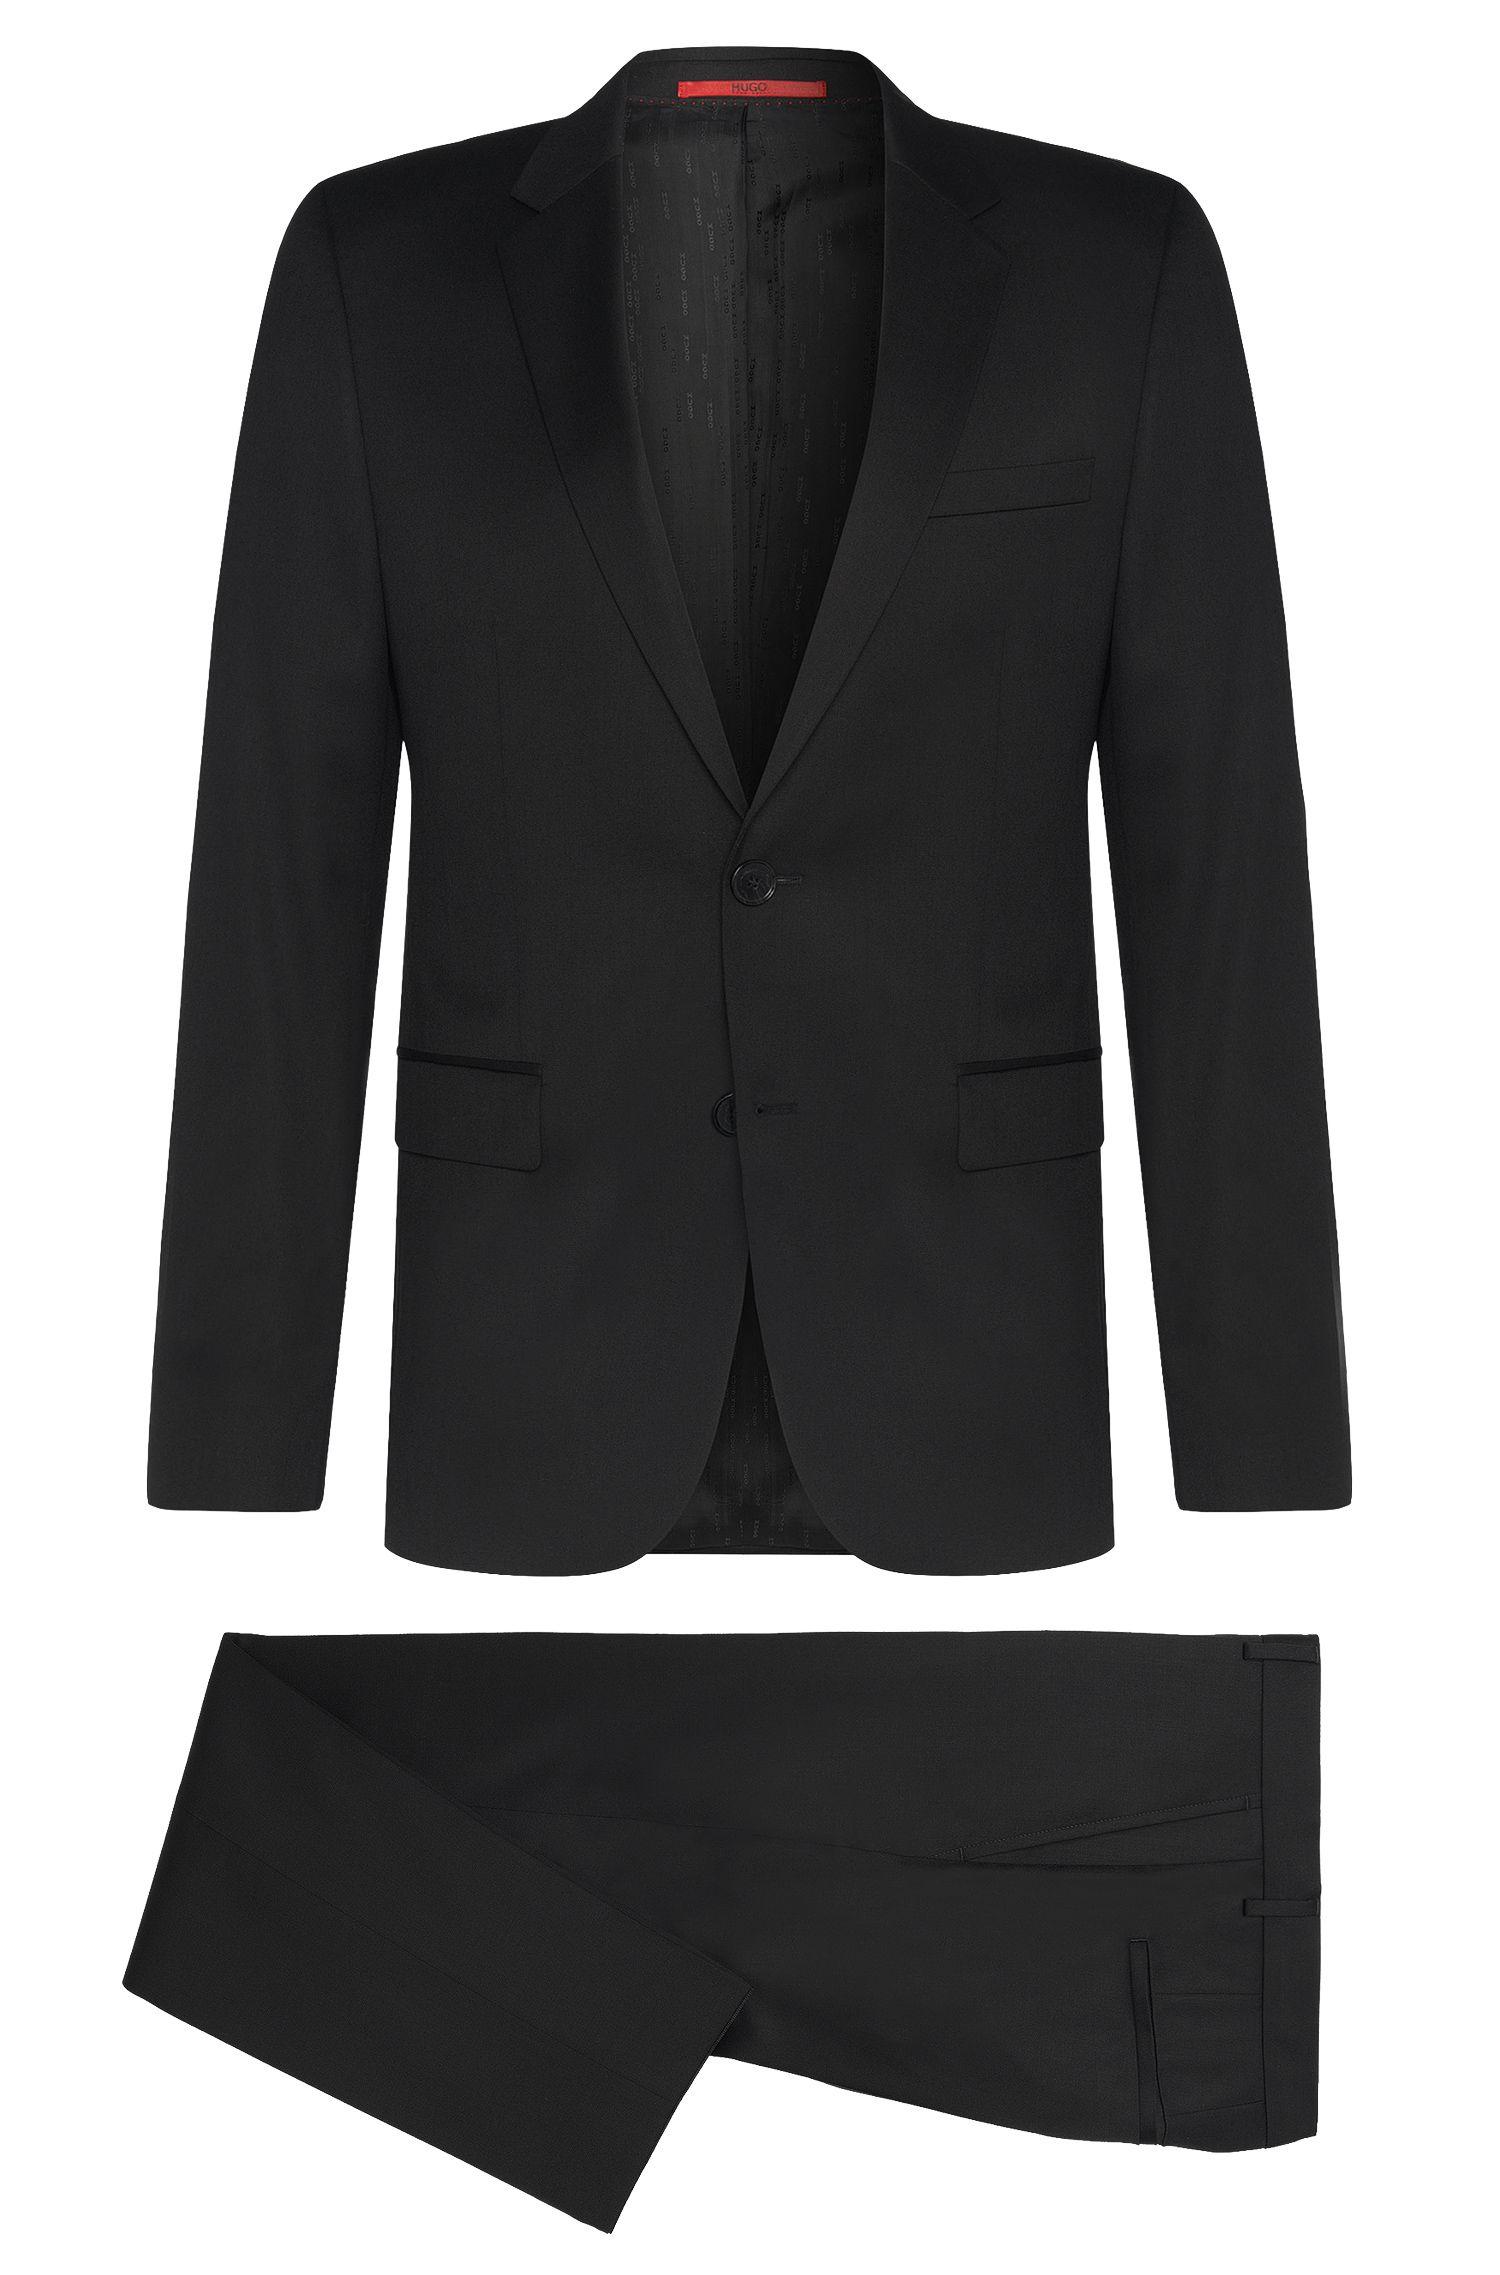 Virgin Wool Suit, Slim Fit | Aeron/Hamen, Black